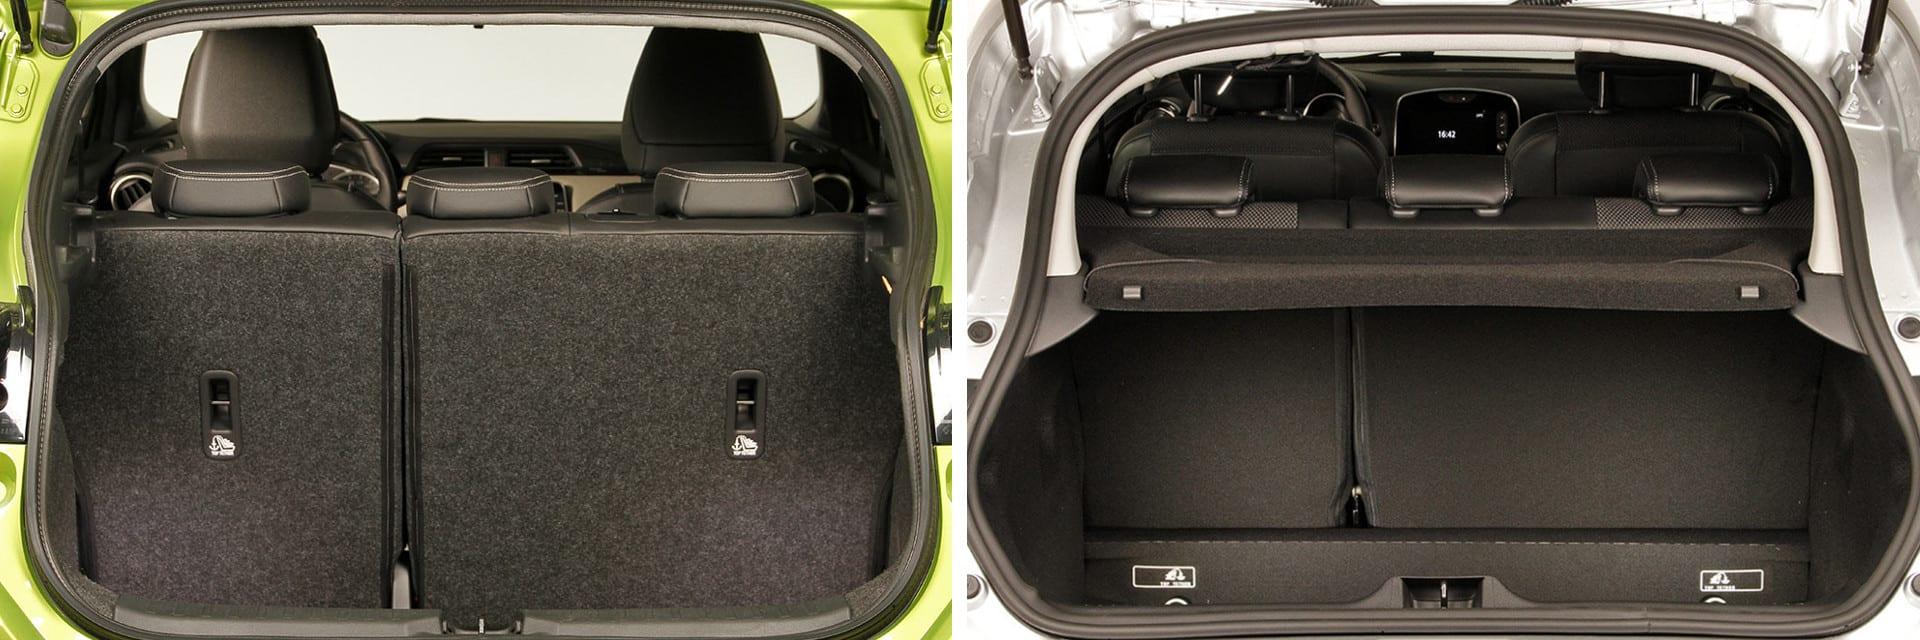 Tanto el maletero del Nissan (izq.) como el del Renault (dcha.) tienen 300 litros de capacidad.